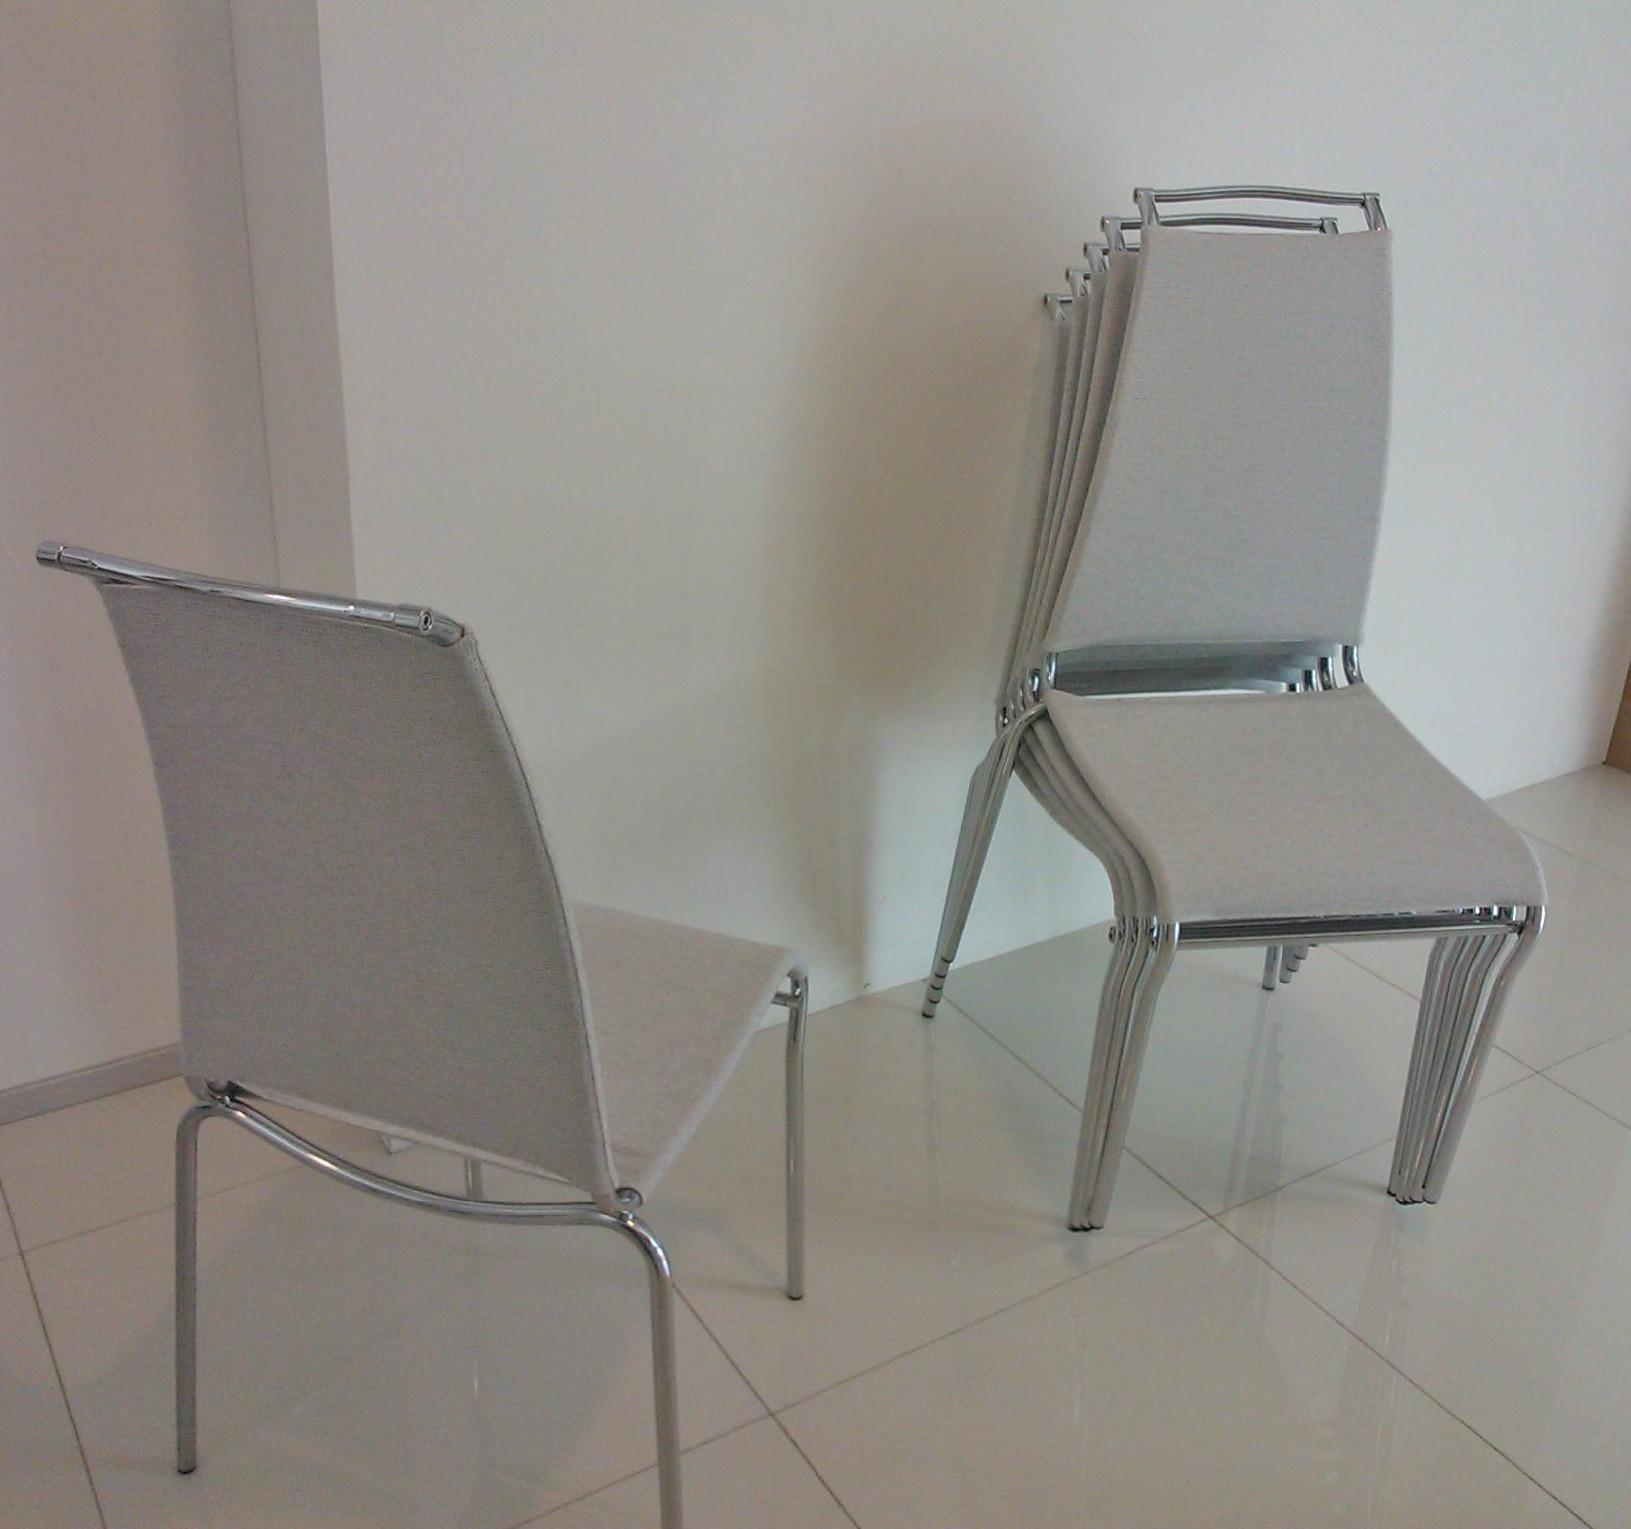 06 sedia calligaris air high scontato del 46 sedie a